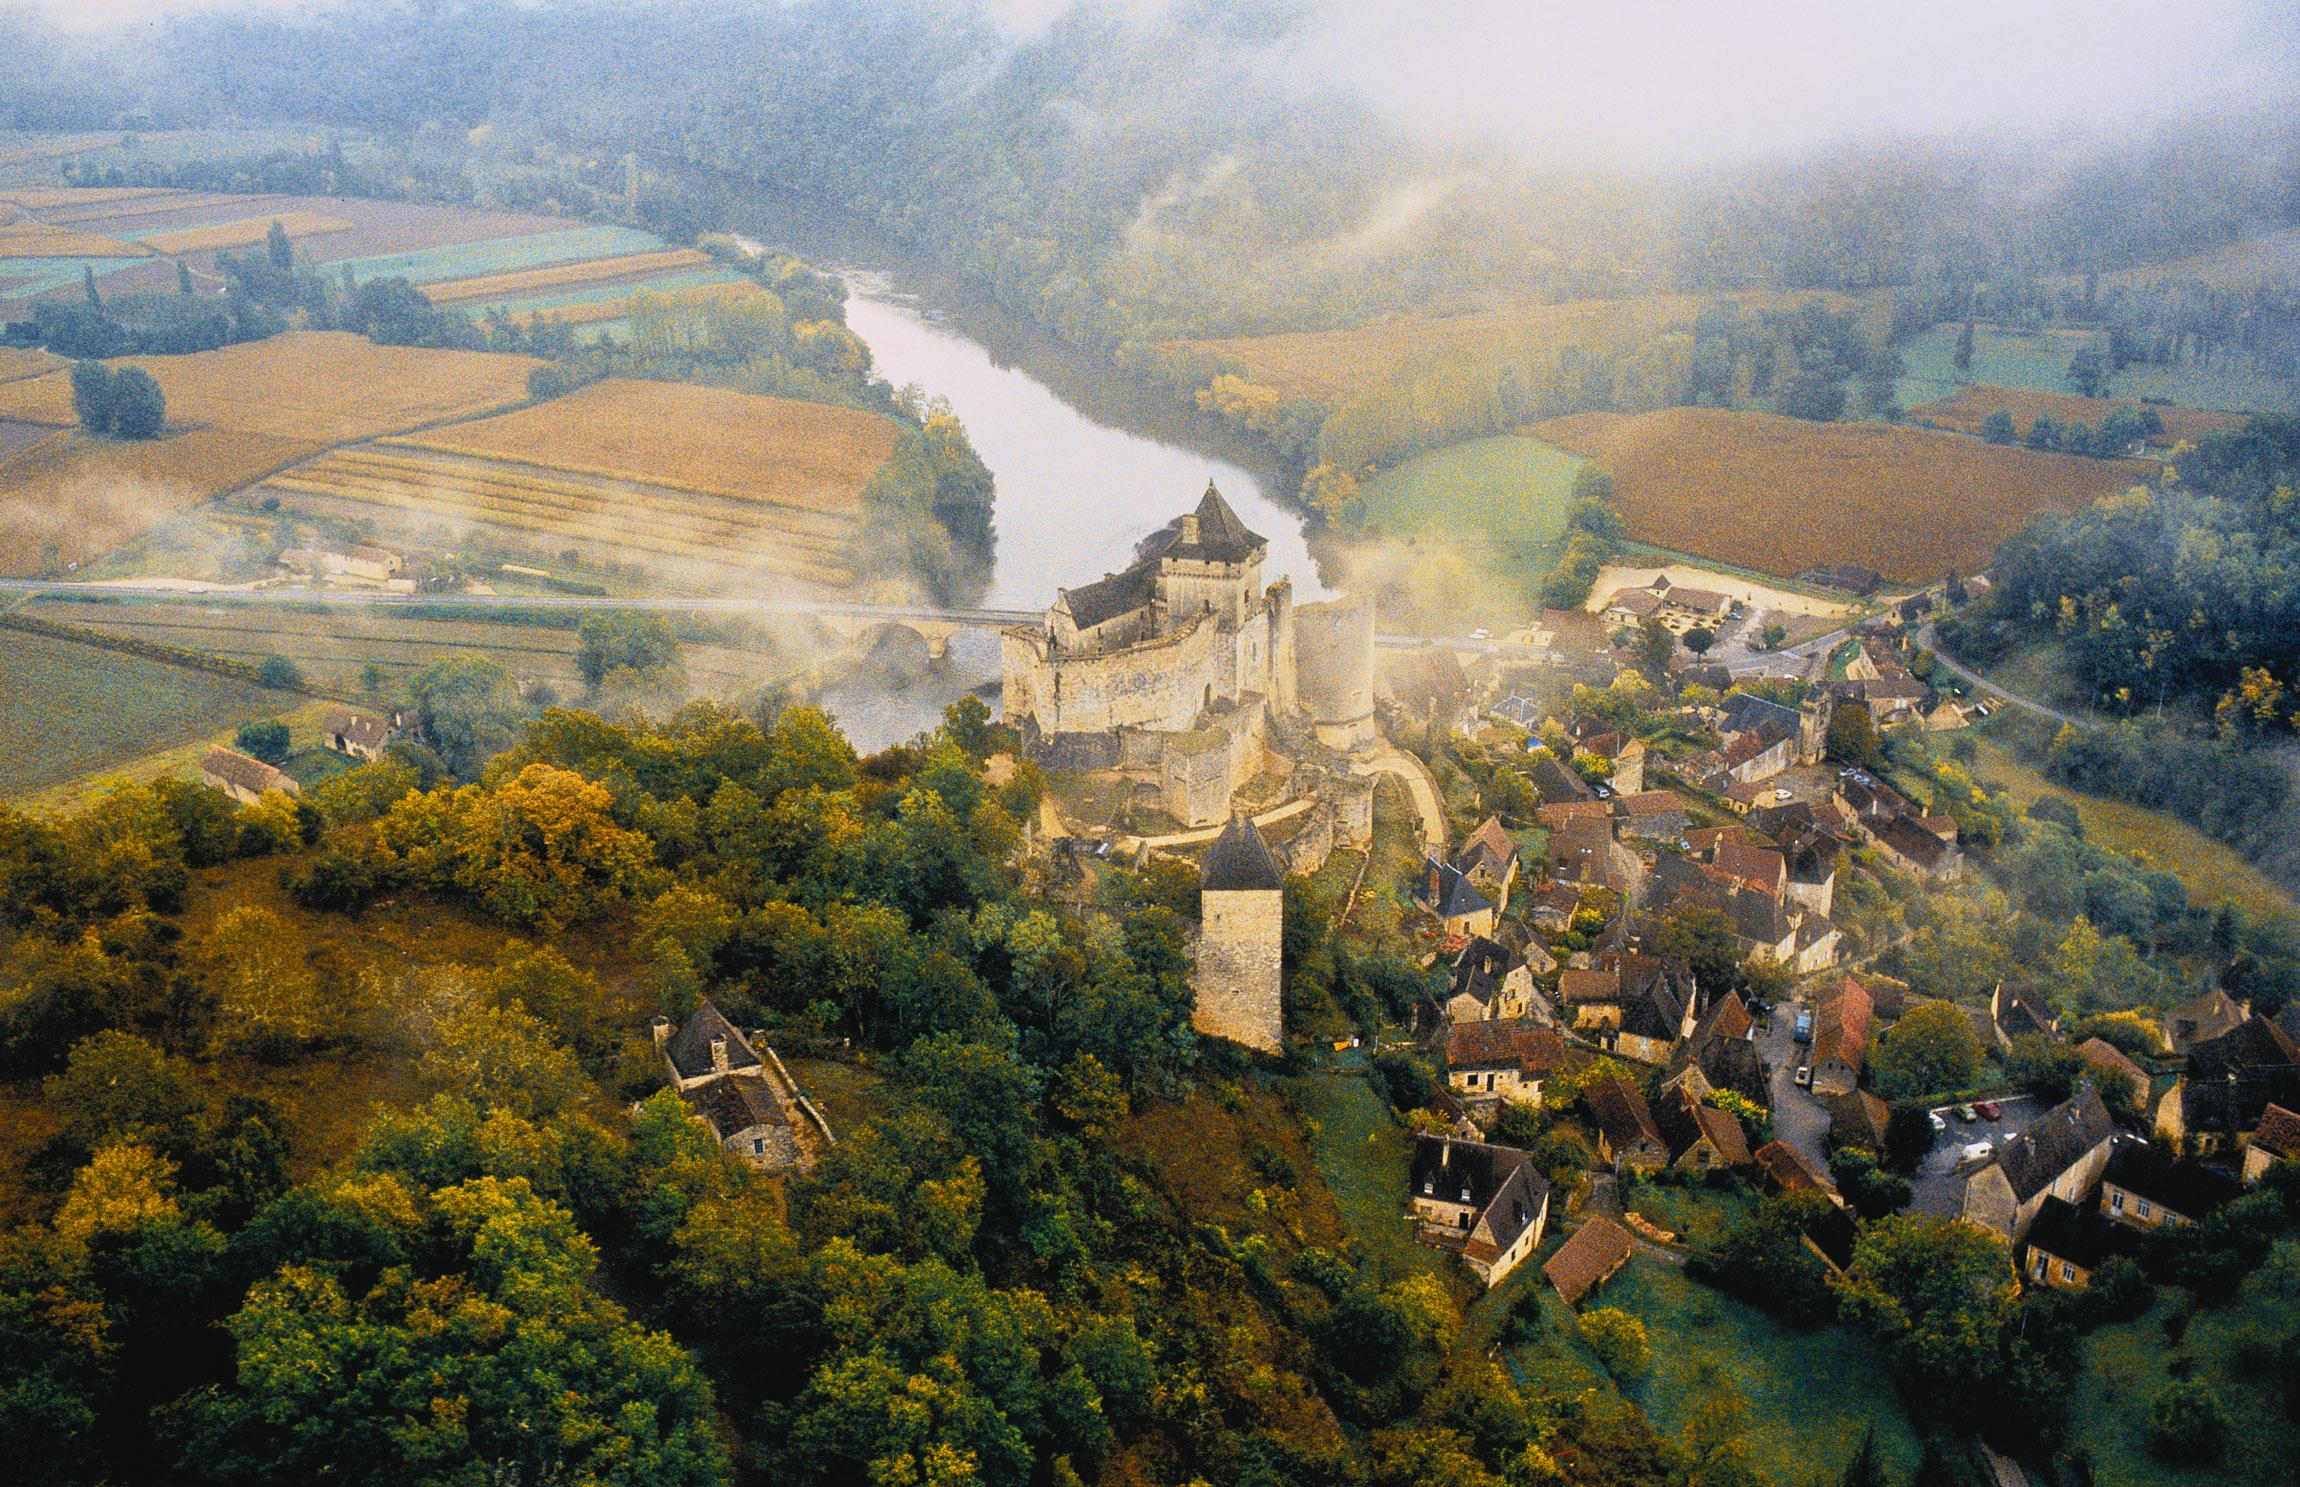 Chateau de Castenaud on the Dordogne